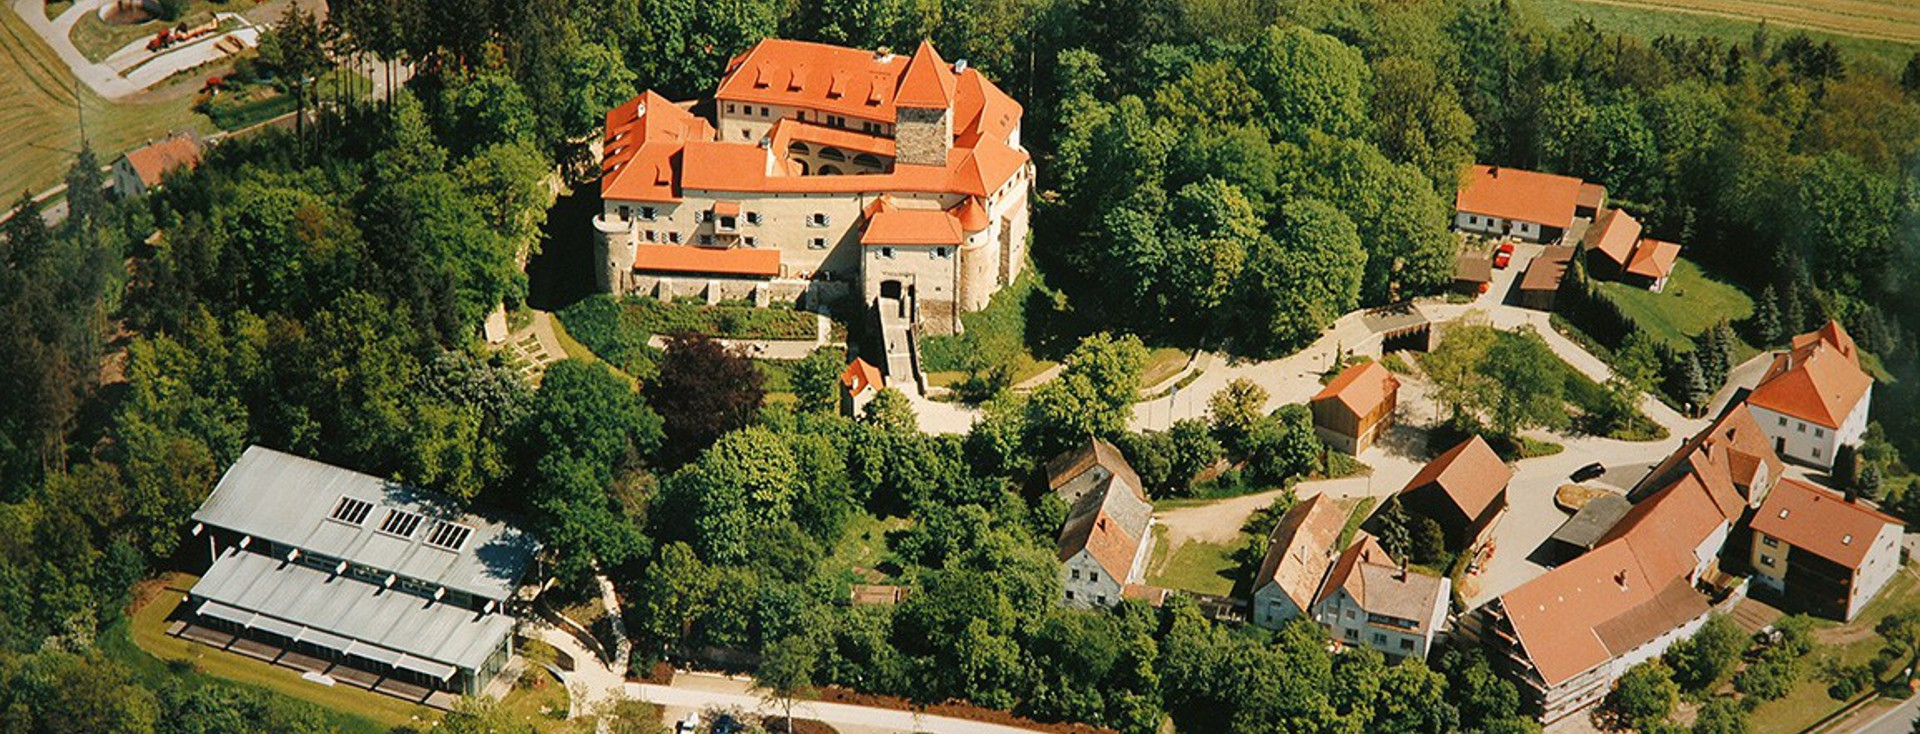 Hotel Burg Wernberg